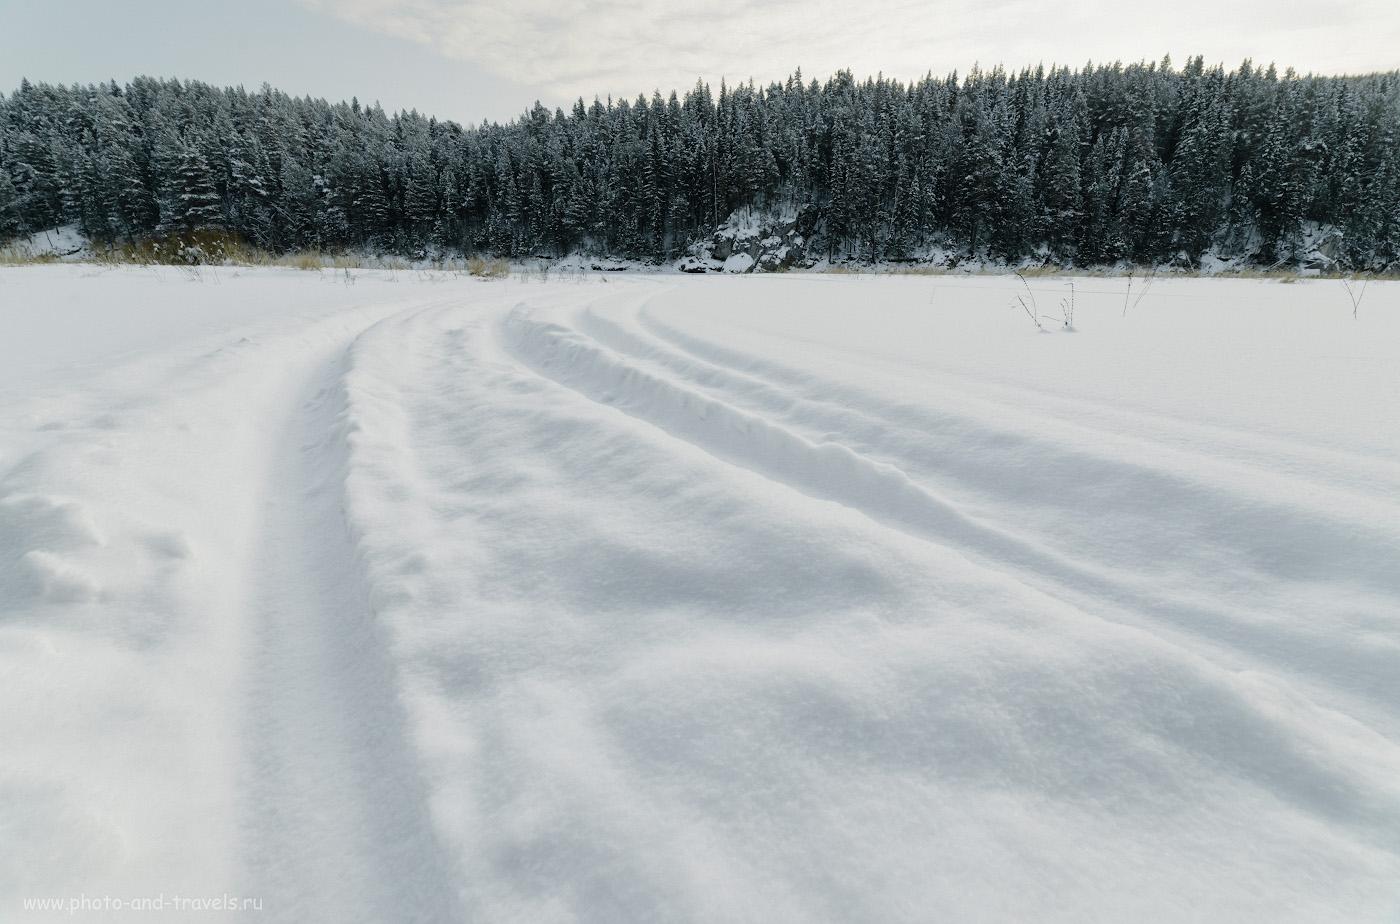 Фото 12. Вид на камень Воробей на реке Чусовая. От него до начала гряды Великана идти всего чуть более километра. Снято на Nikon D610 + Samyang 14mm f/2.8 с настройками: 1/250, 10.0, 125, +0.33, 14.